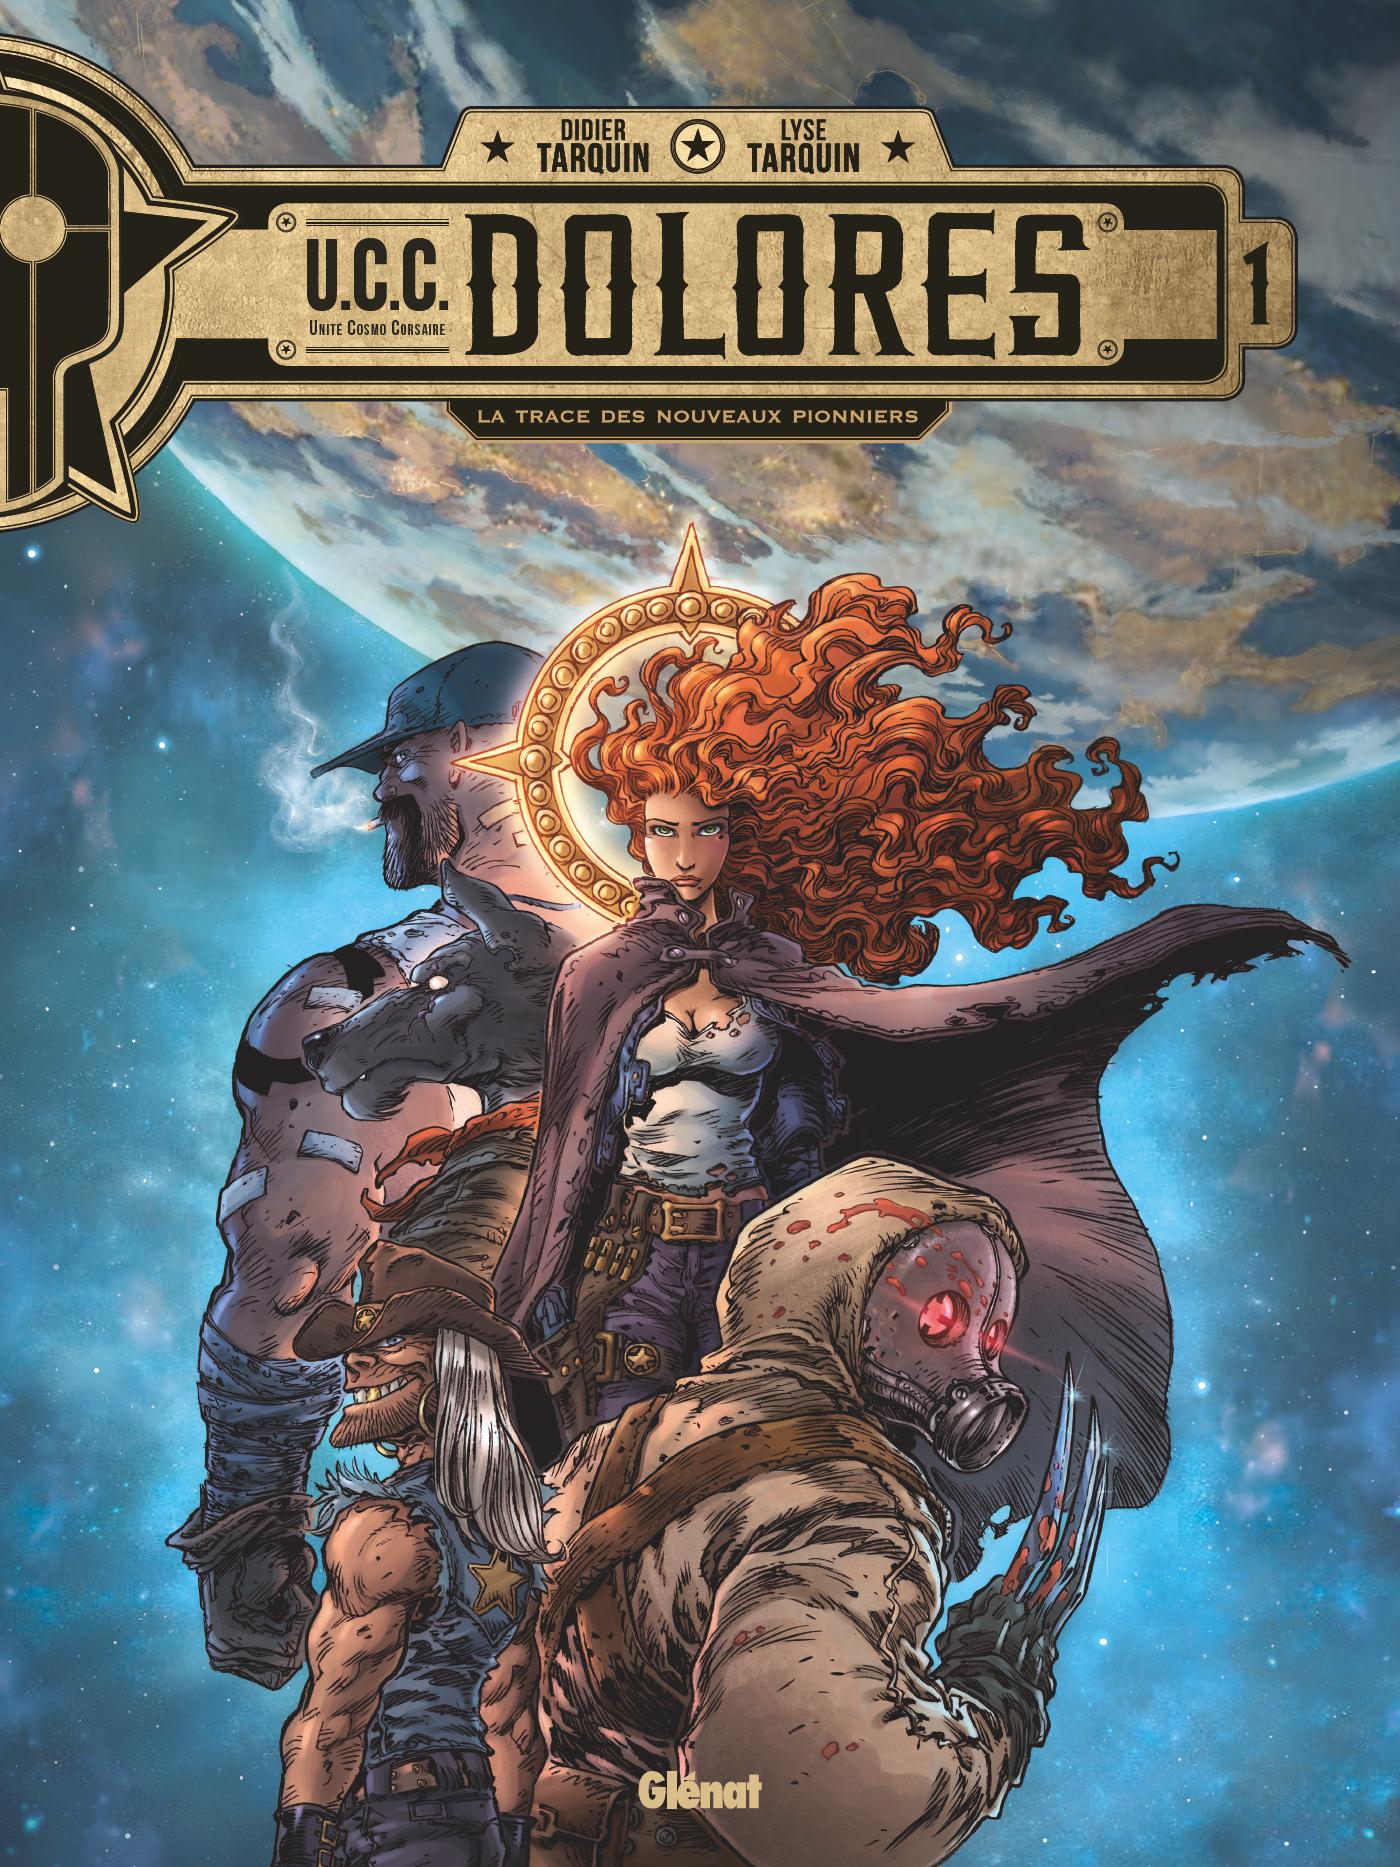 UCC Dolores 1 - La trace des nouveaux pionniers